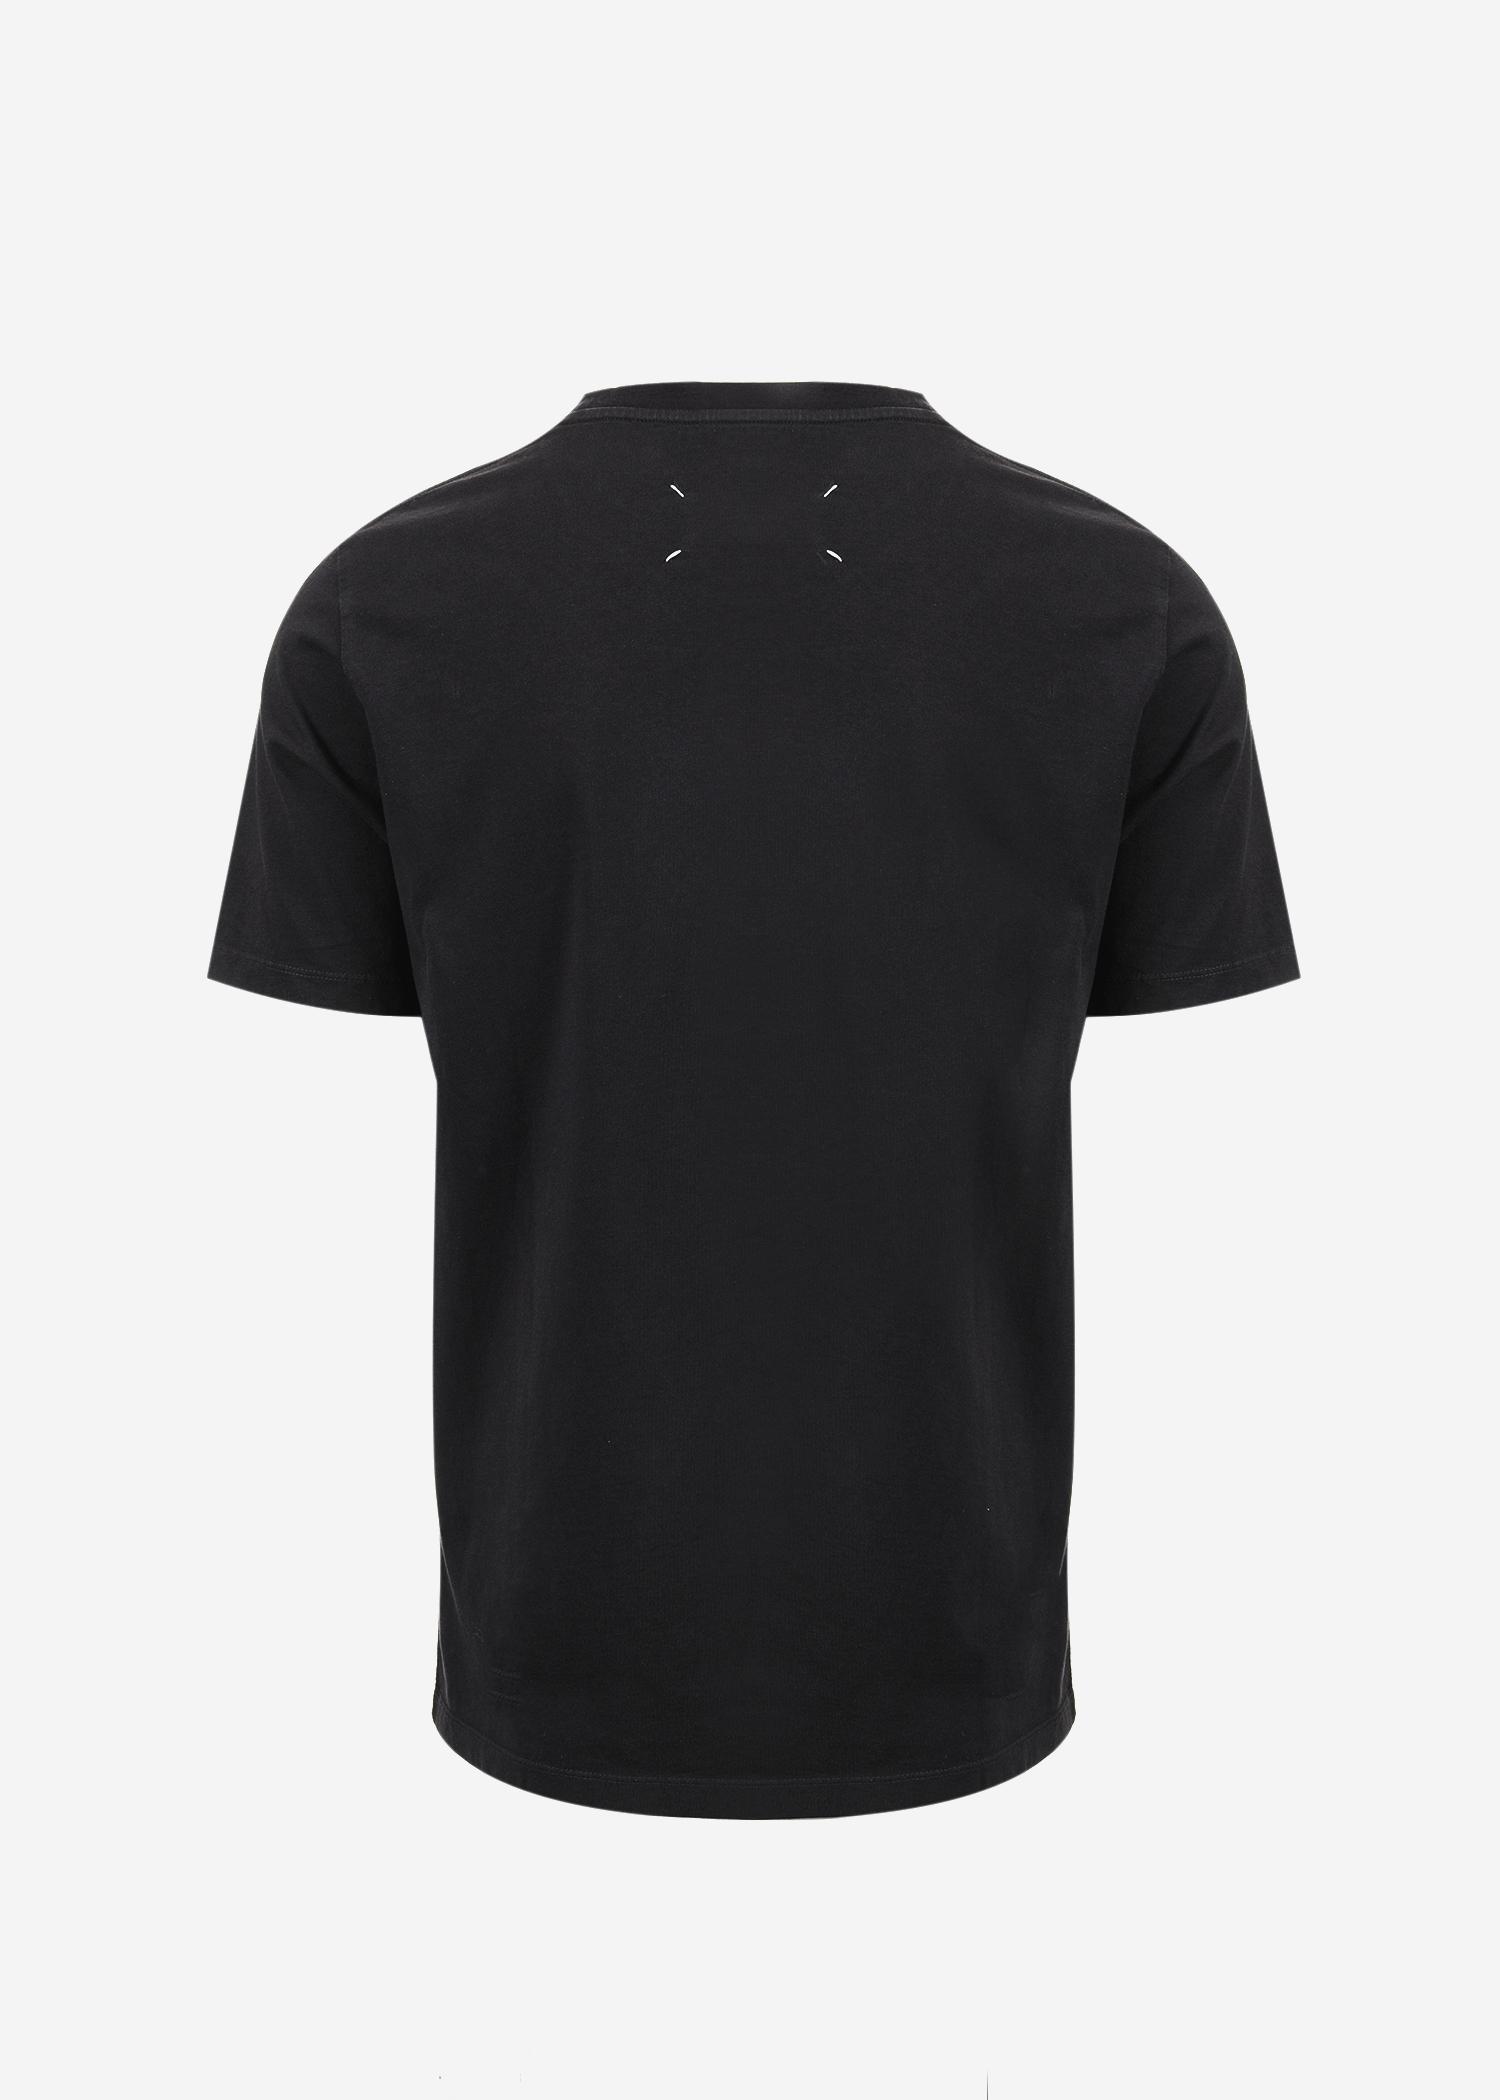 300ec6808831 Maison Margiela - Black Short Sleeve T-shirt for Men - Lyst. View fullscreen